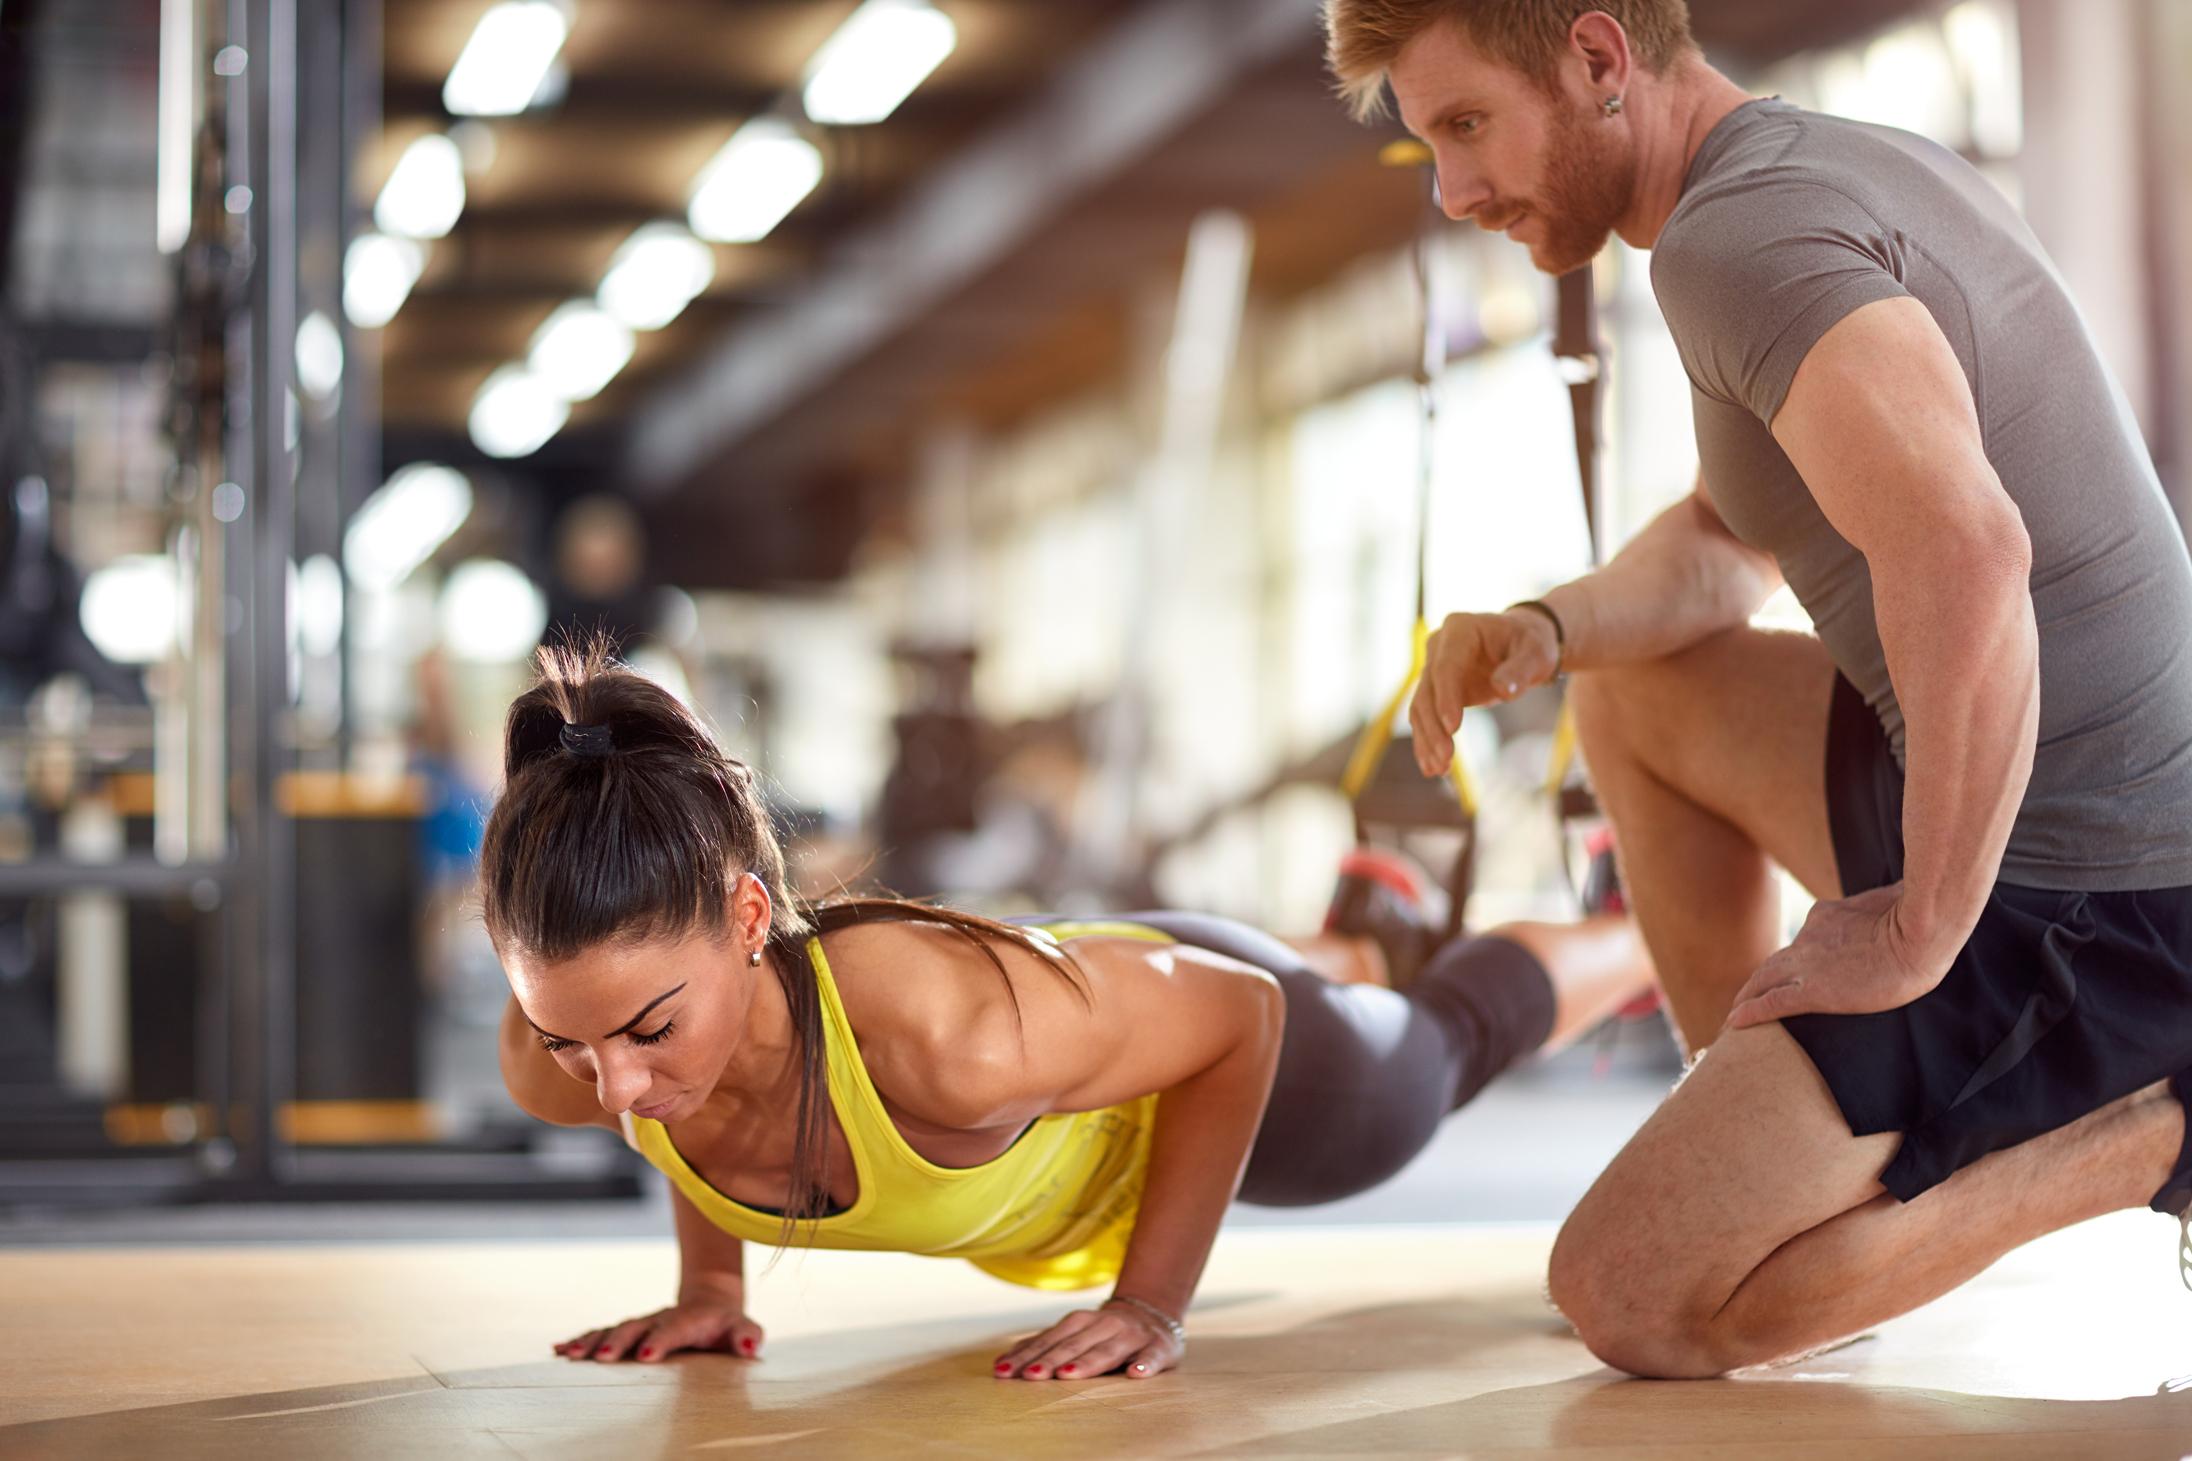 ジムでトレーニングする女性とトレーナー